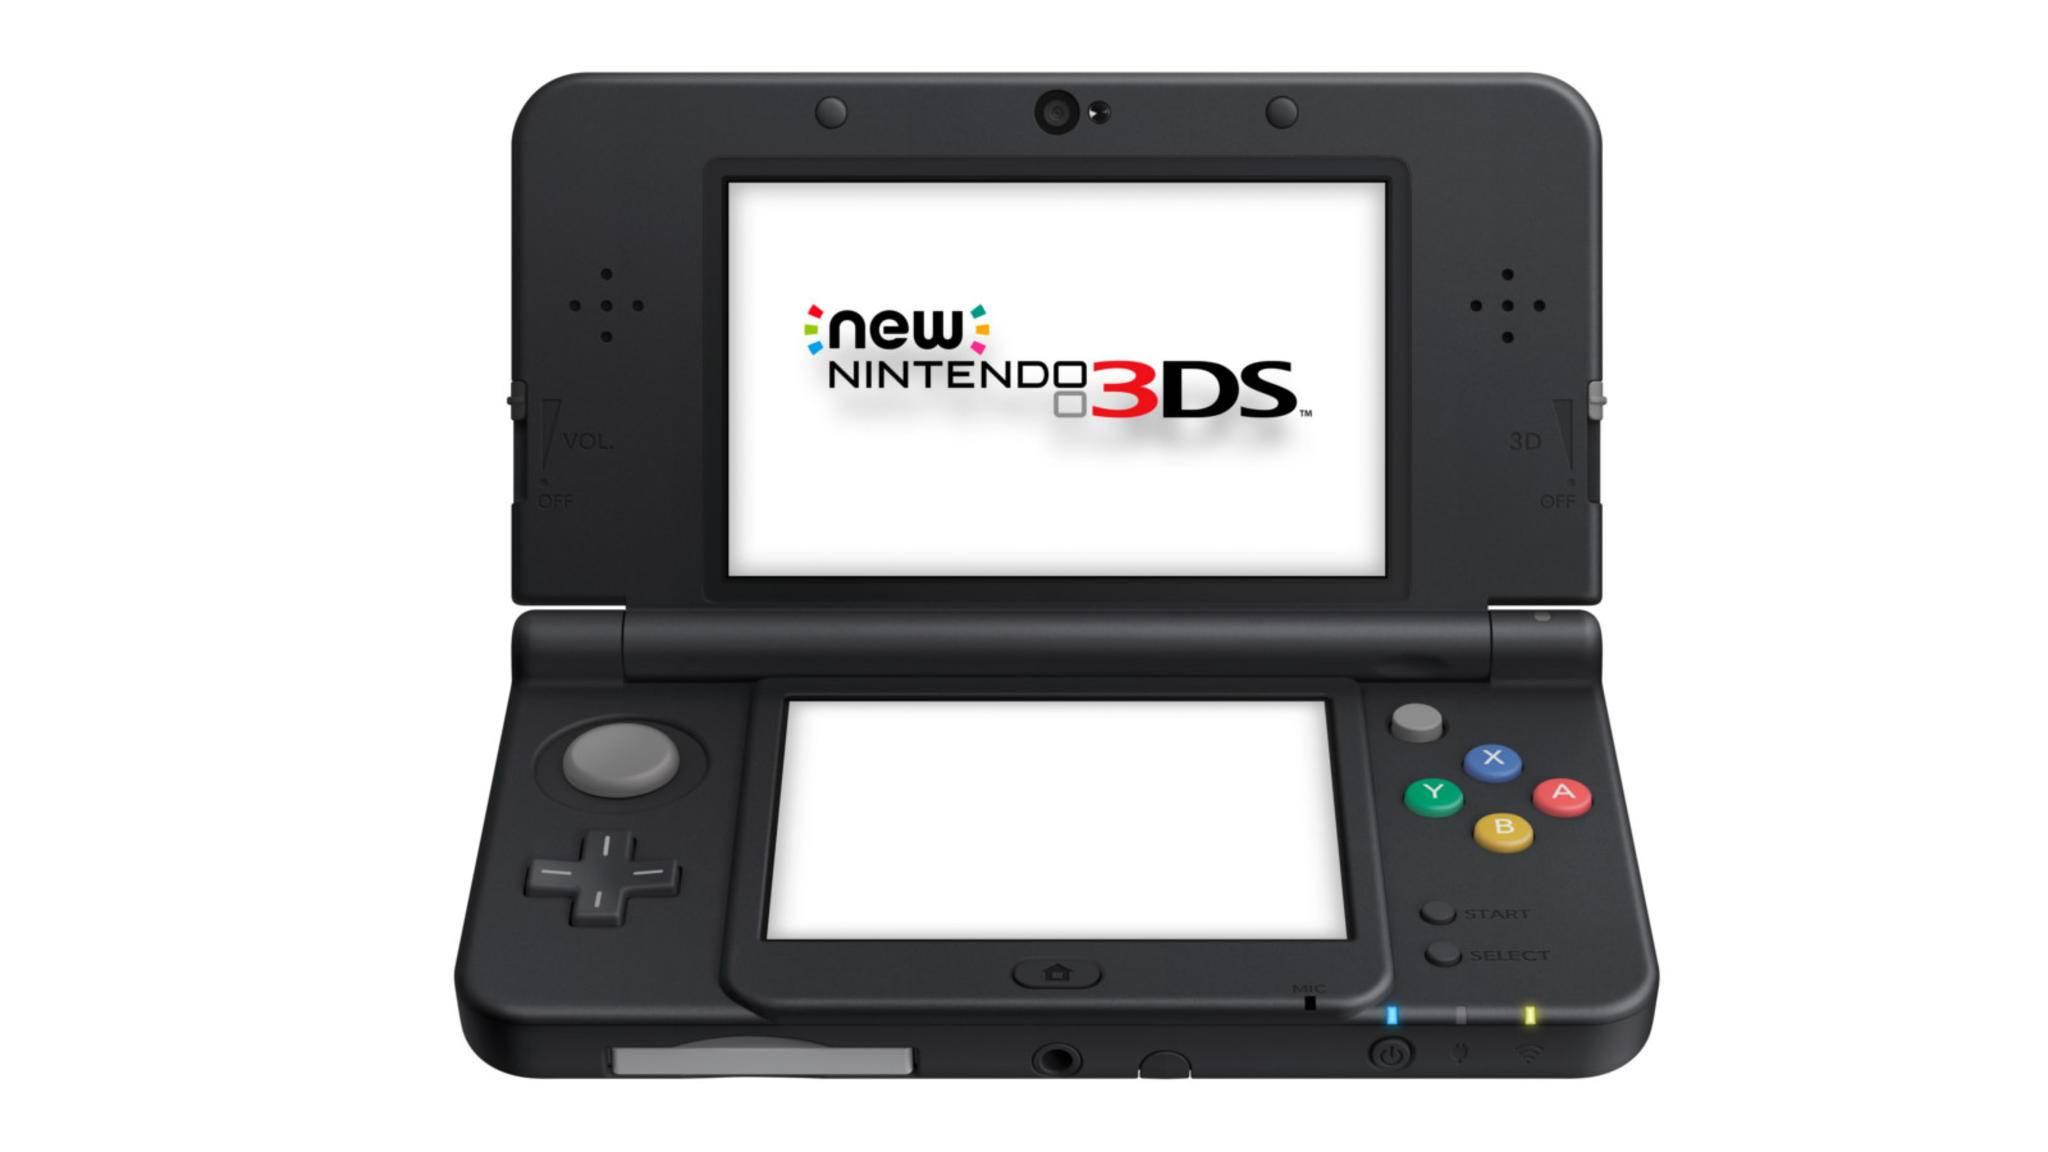 Ikonischer Doppelbildschirm: der Handheld Nintendo 3DS (hier in der Variante New Nintendo 3DS).